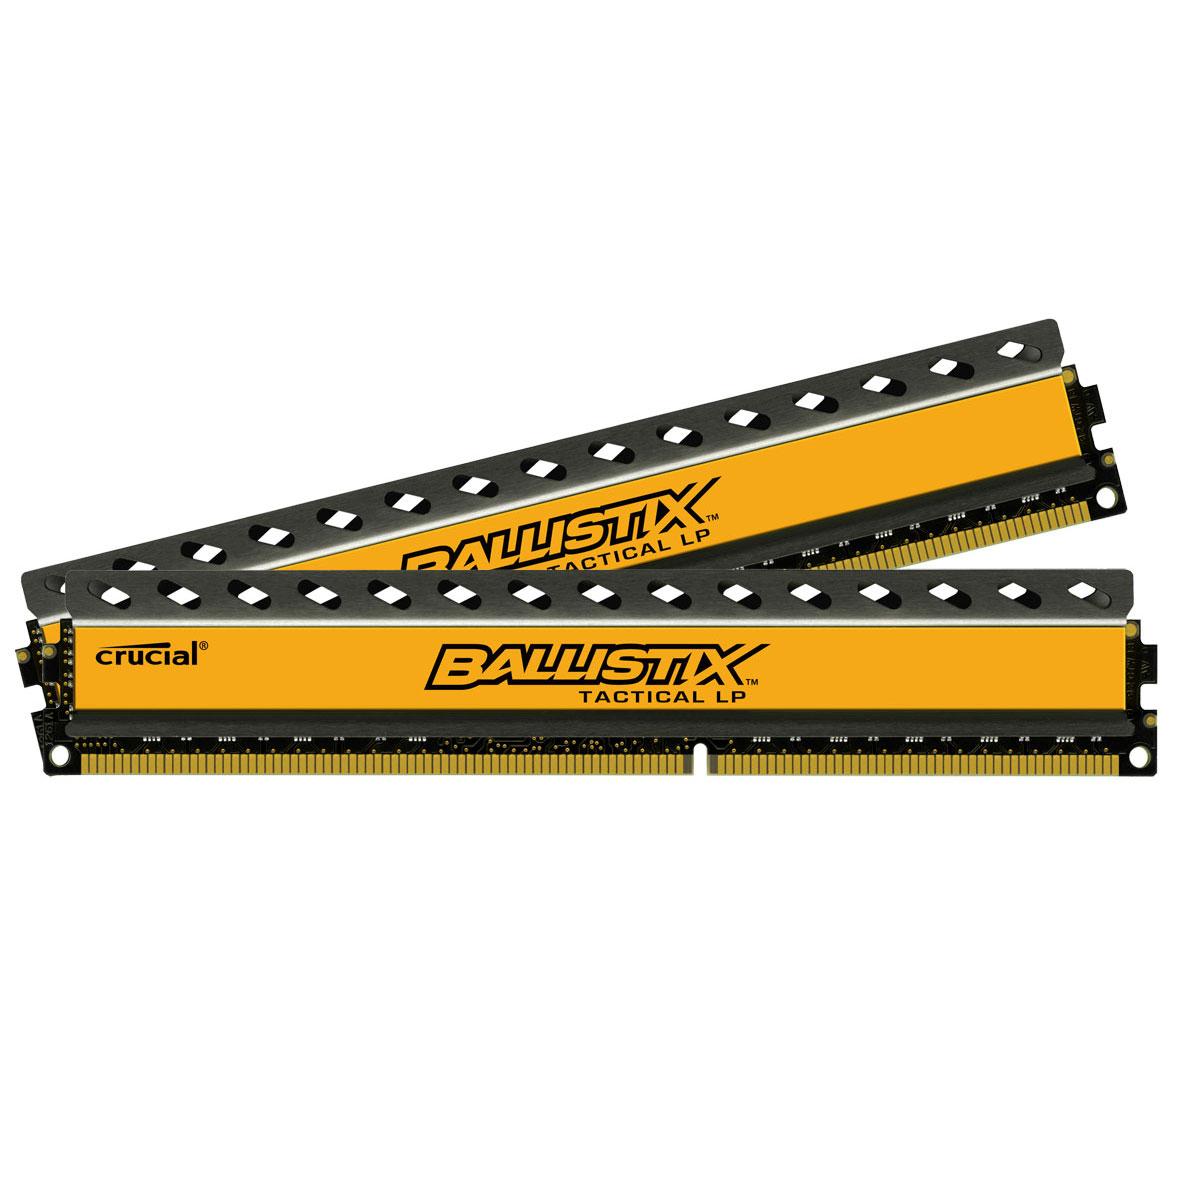 Mémoire PC Ballistix Tactical LP 8 Go (2 x 4 Go) DDR3L 1600 MHz CL8 Kit Dual Channel RAM DDR3L PC12800 - BLT2C4G3D1608ET3LX0CEU (garantie à vie par Crucial)